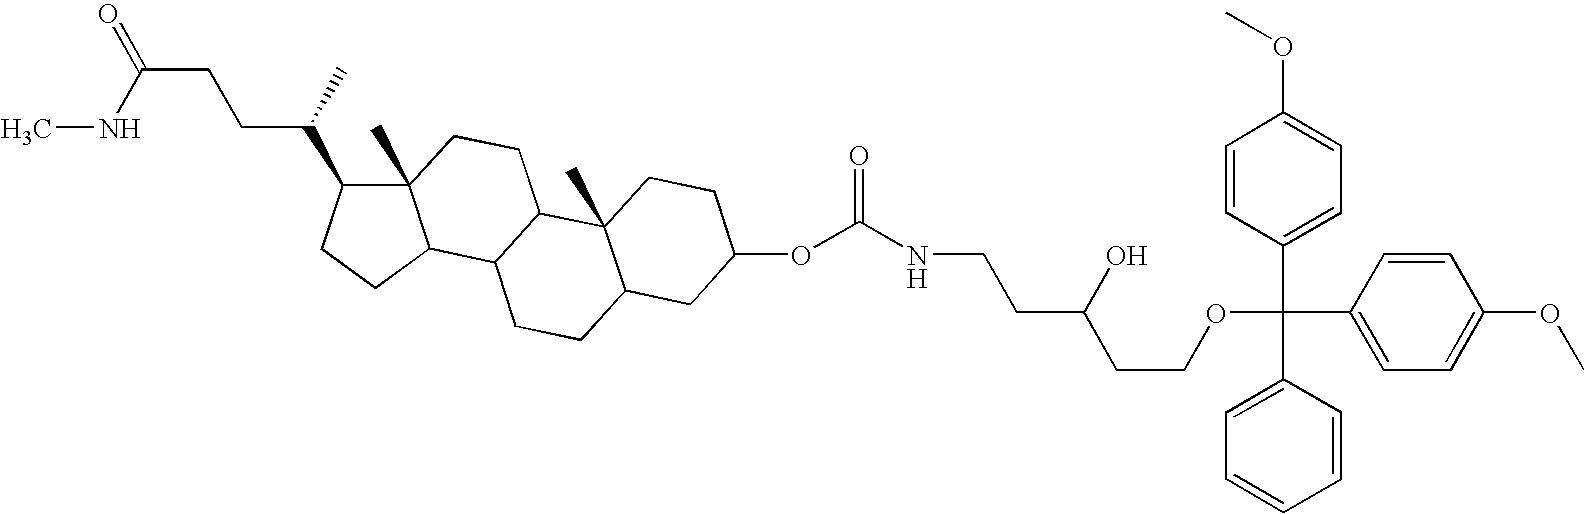 Figure US08252755-20120828-C00035